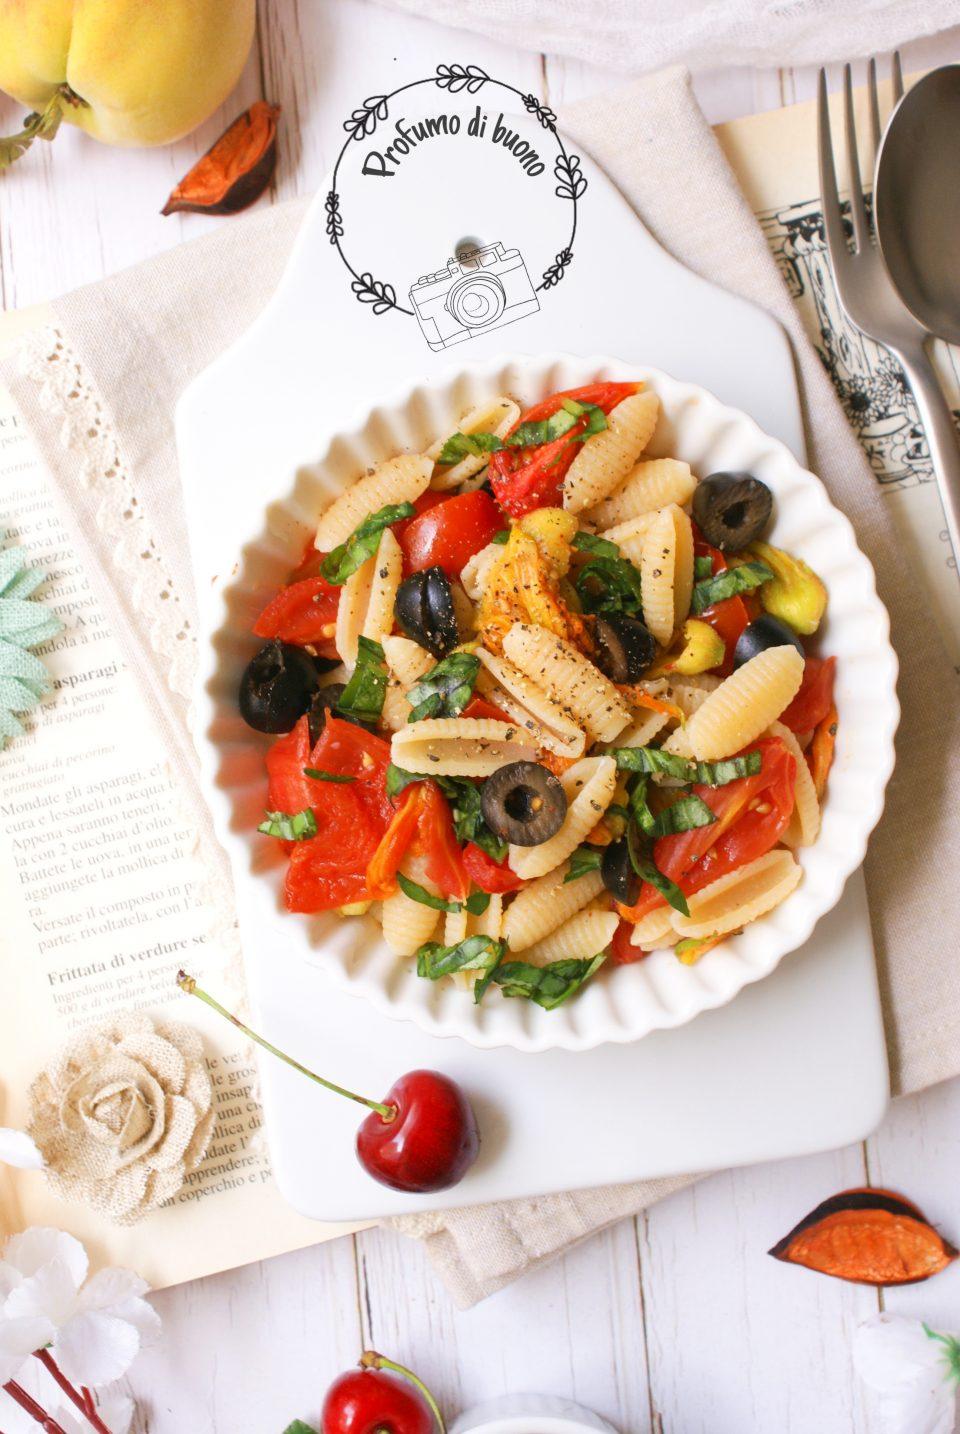 Gnocchetti sardi con pomodorini, fiori di zucca e olive, basilico e pepe nero macinato